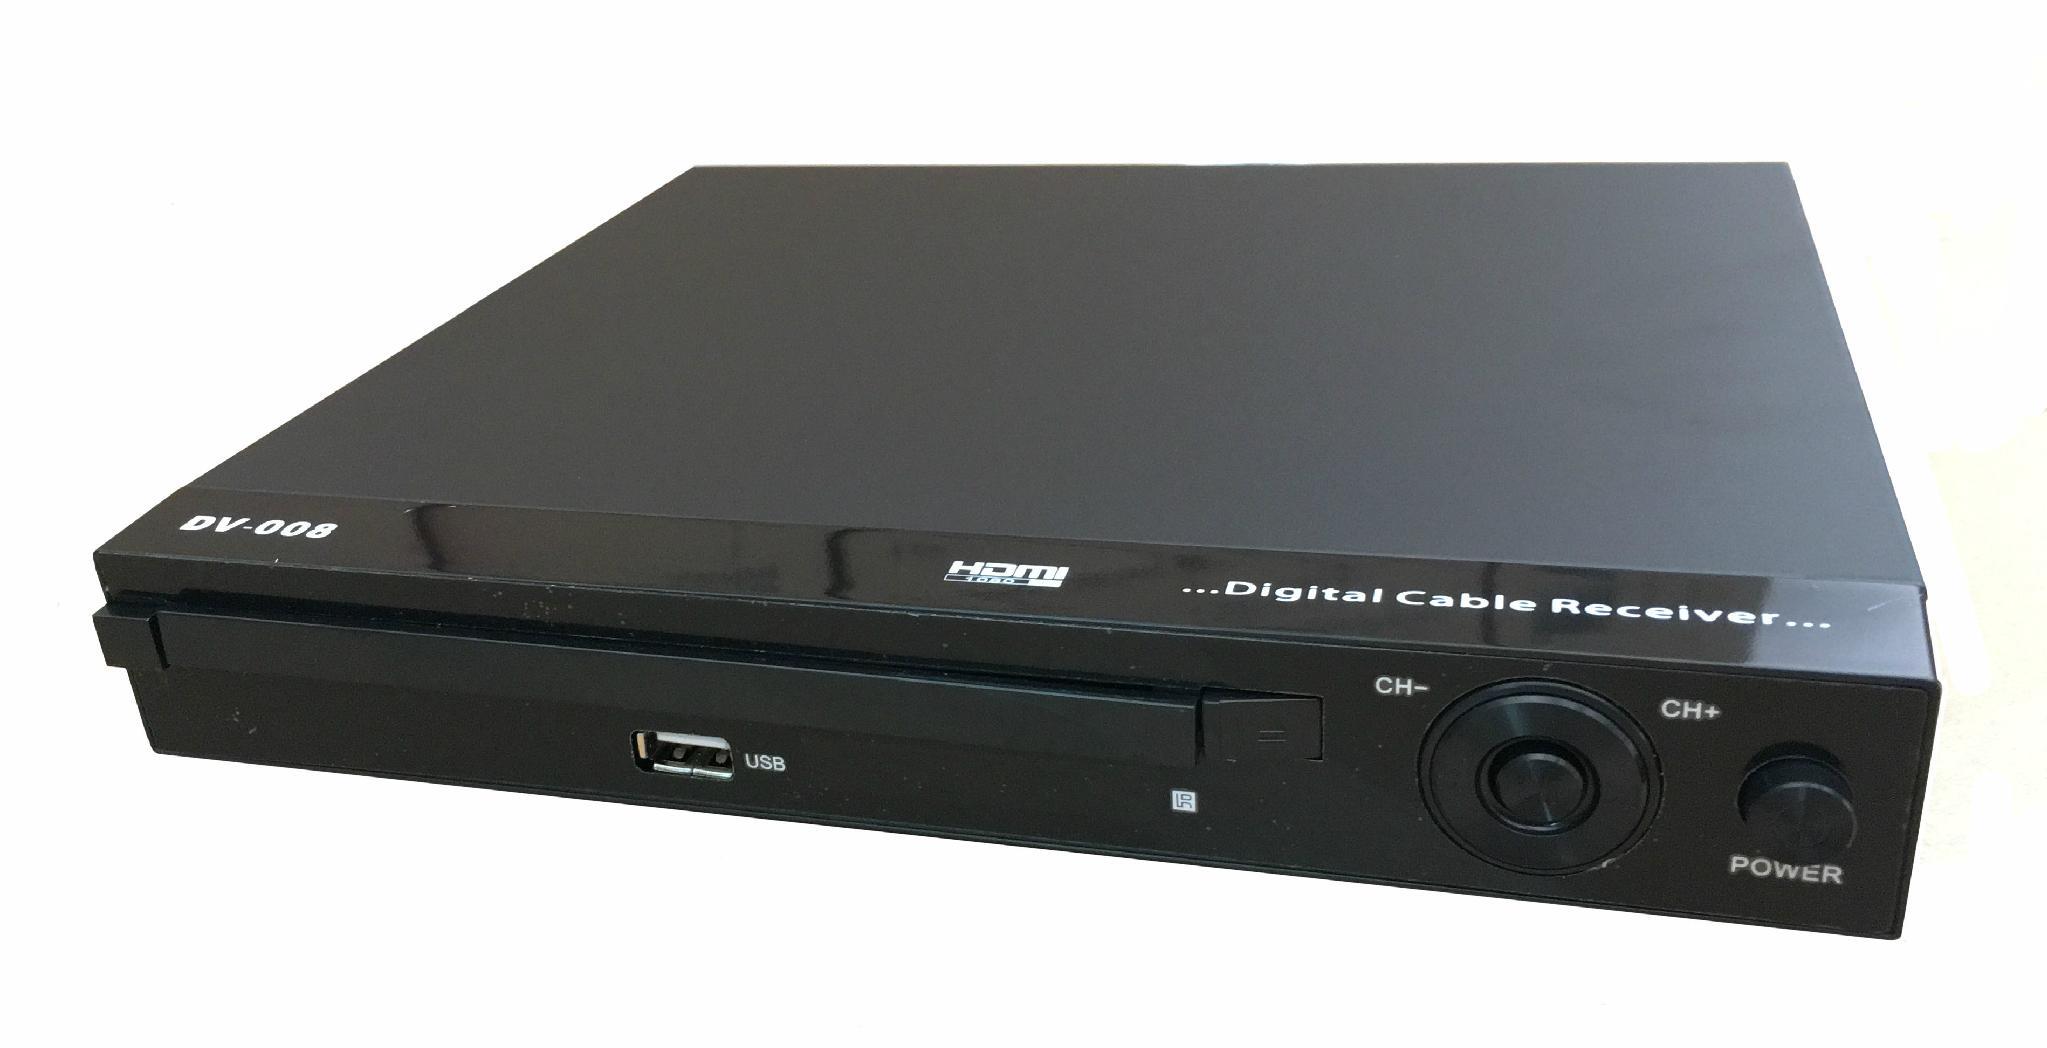 傢具展廳電視機頂盒模型 1